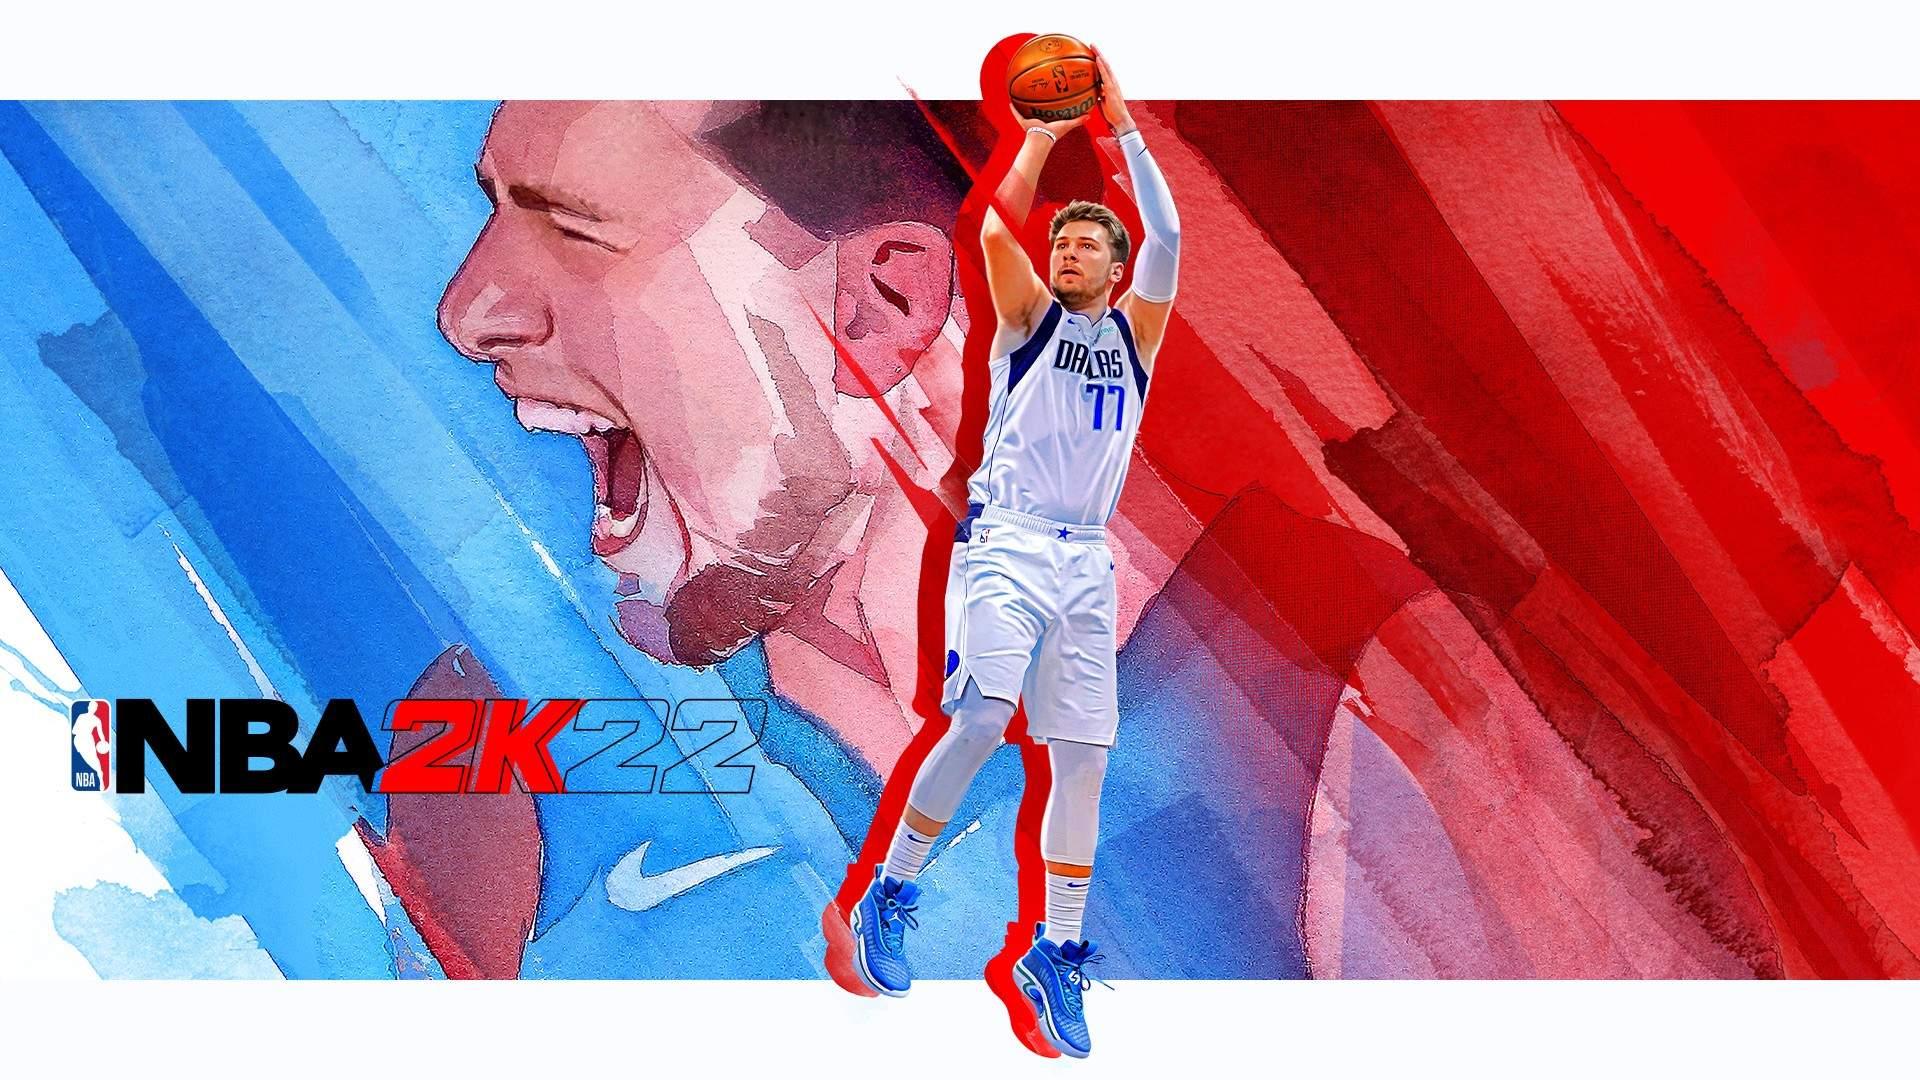 Il videogioco di basket NBA 2K22 su Xbox One e Xbox Series X|S